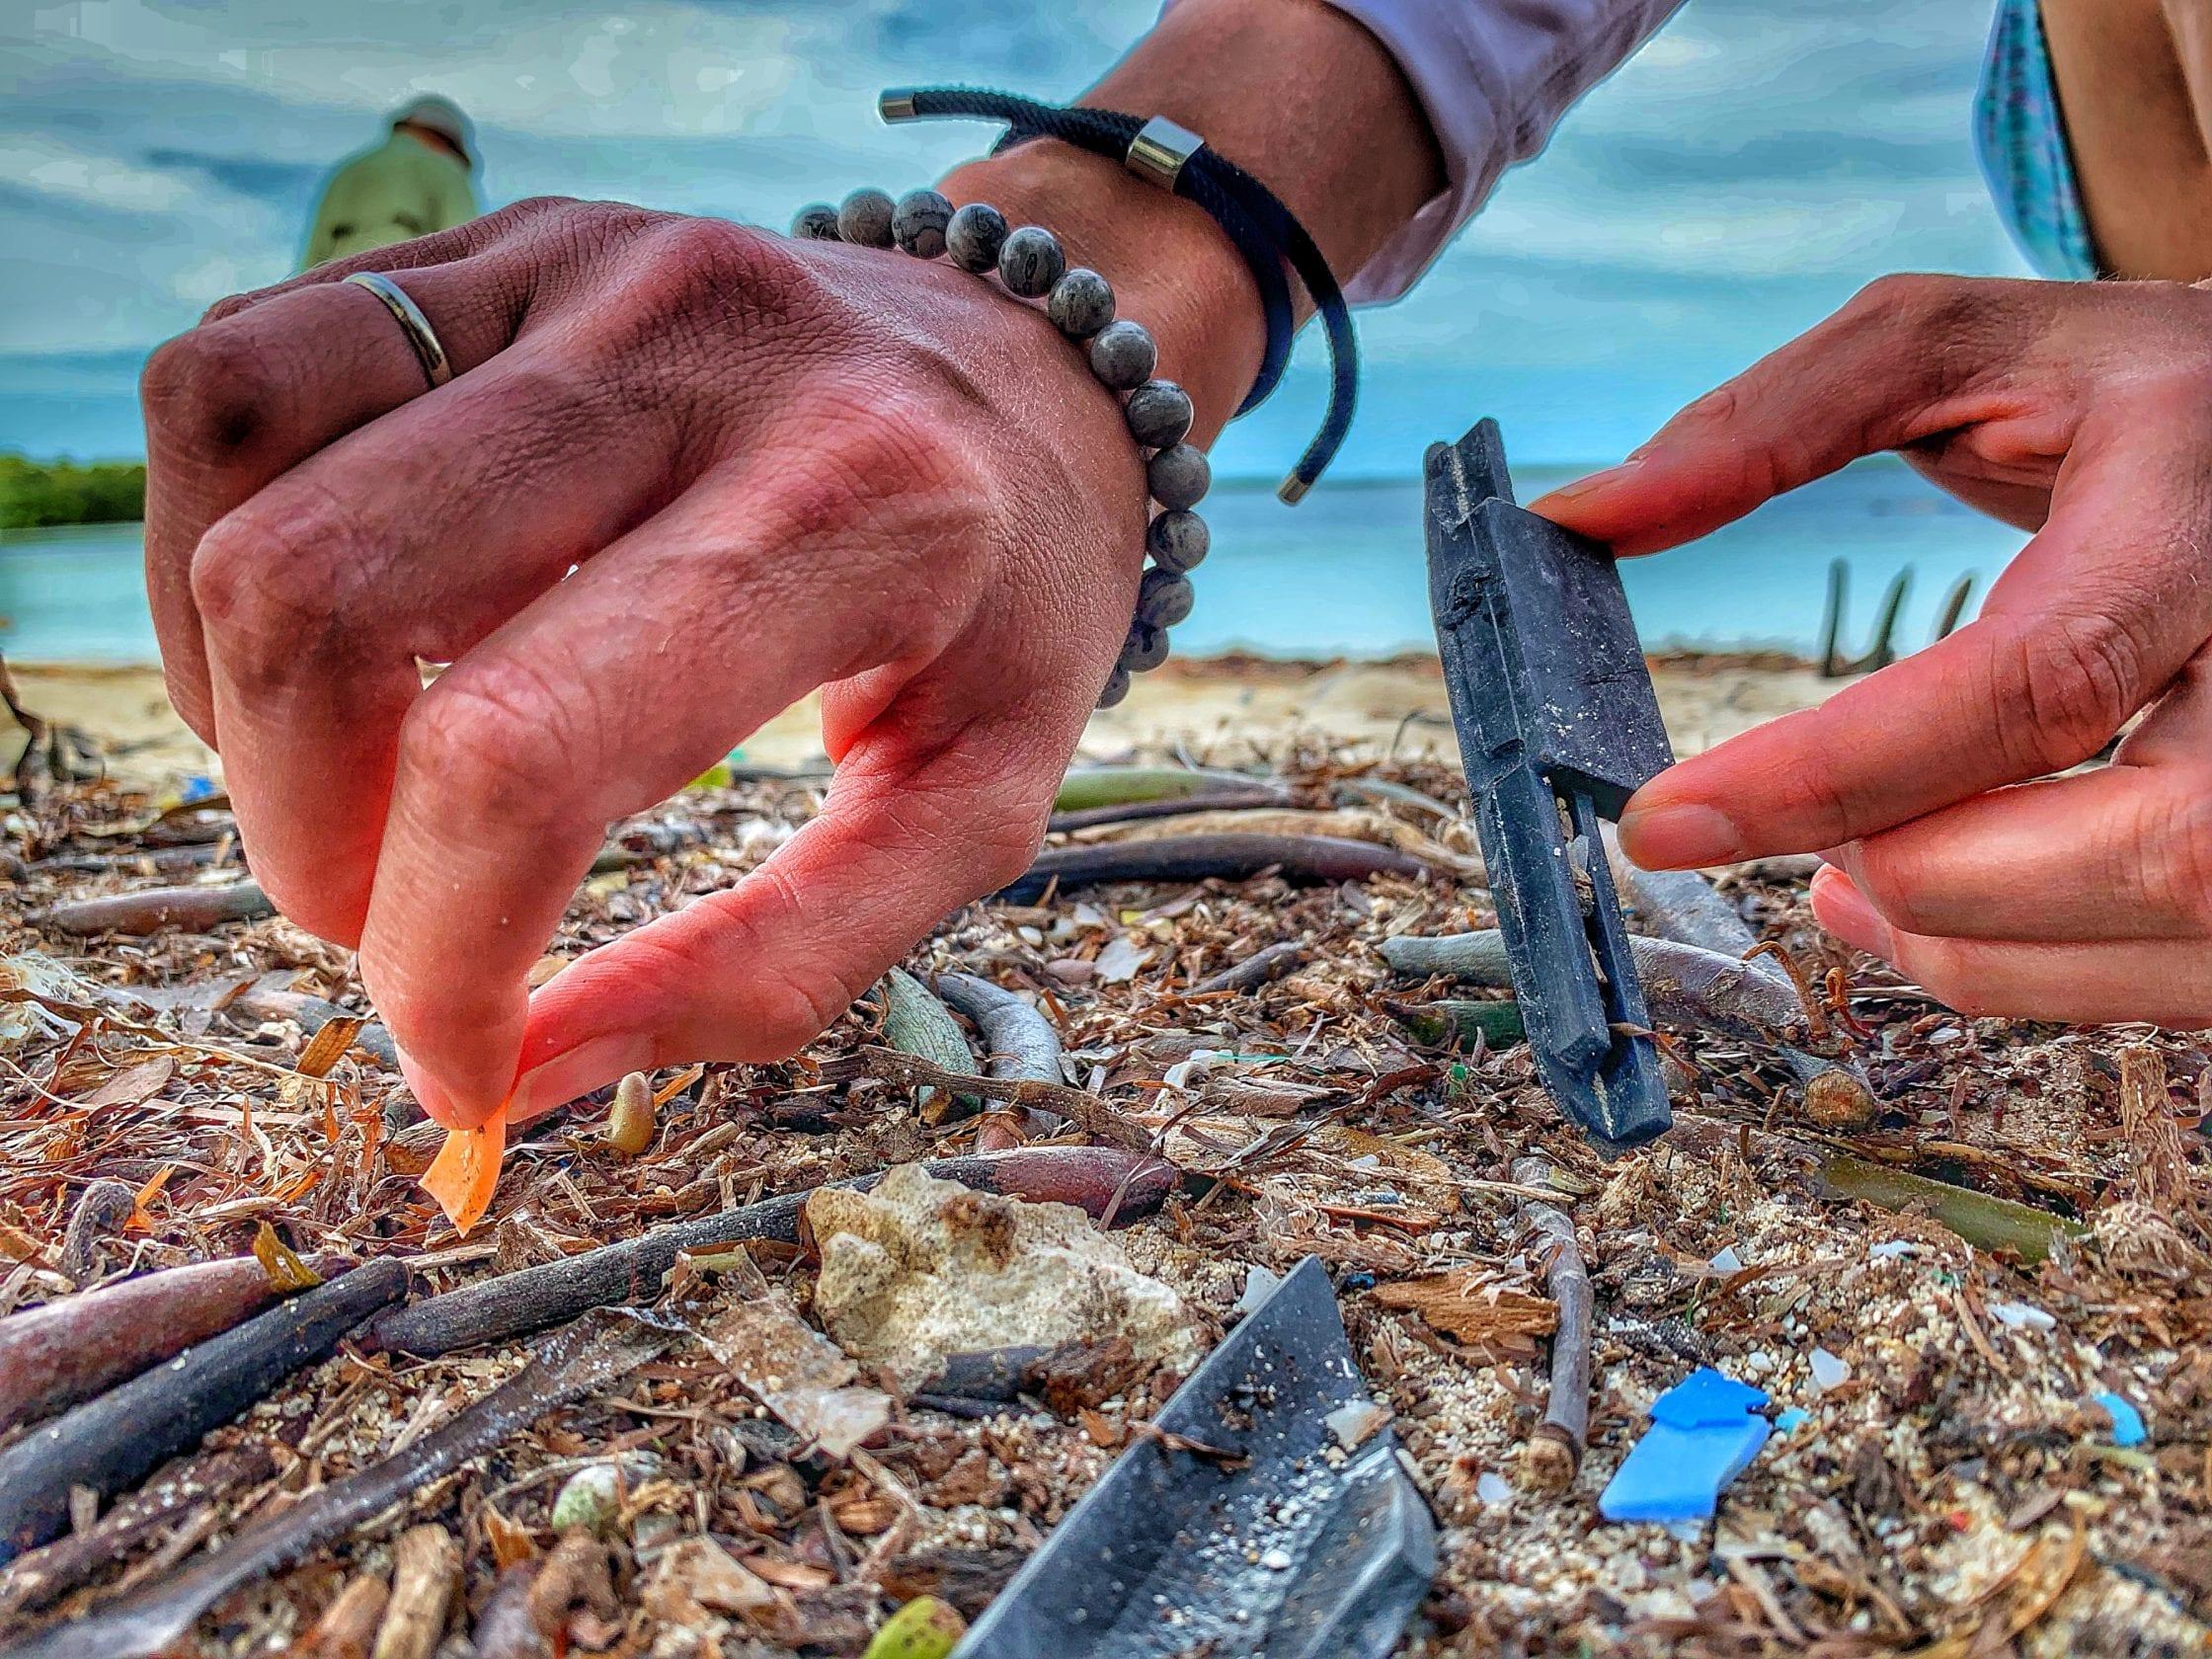 Plastic-found-on-a-beach-in-Key-Largo-Florida